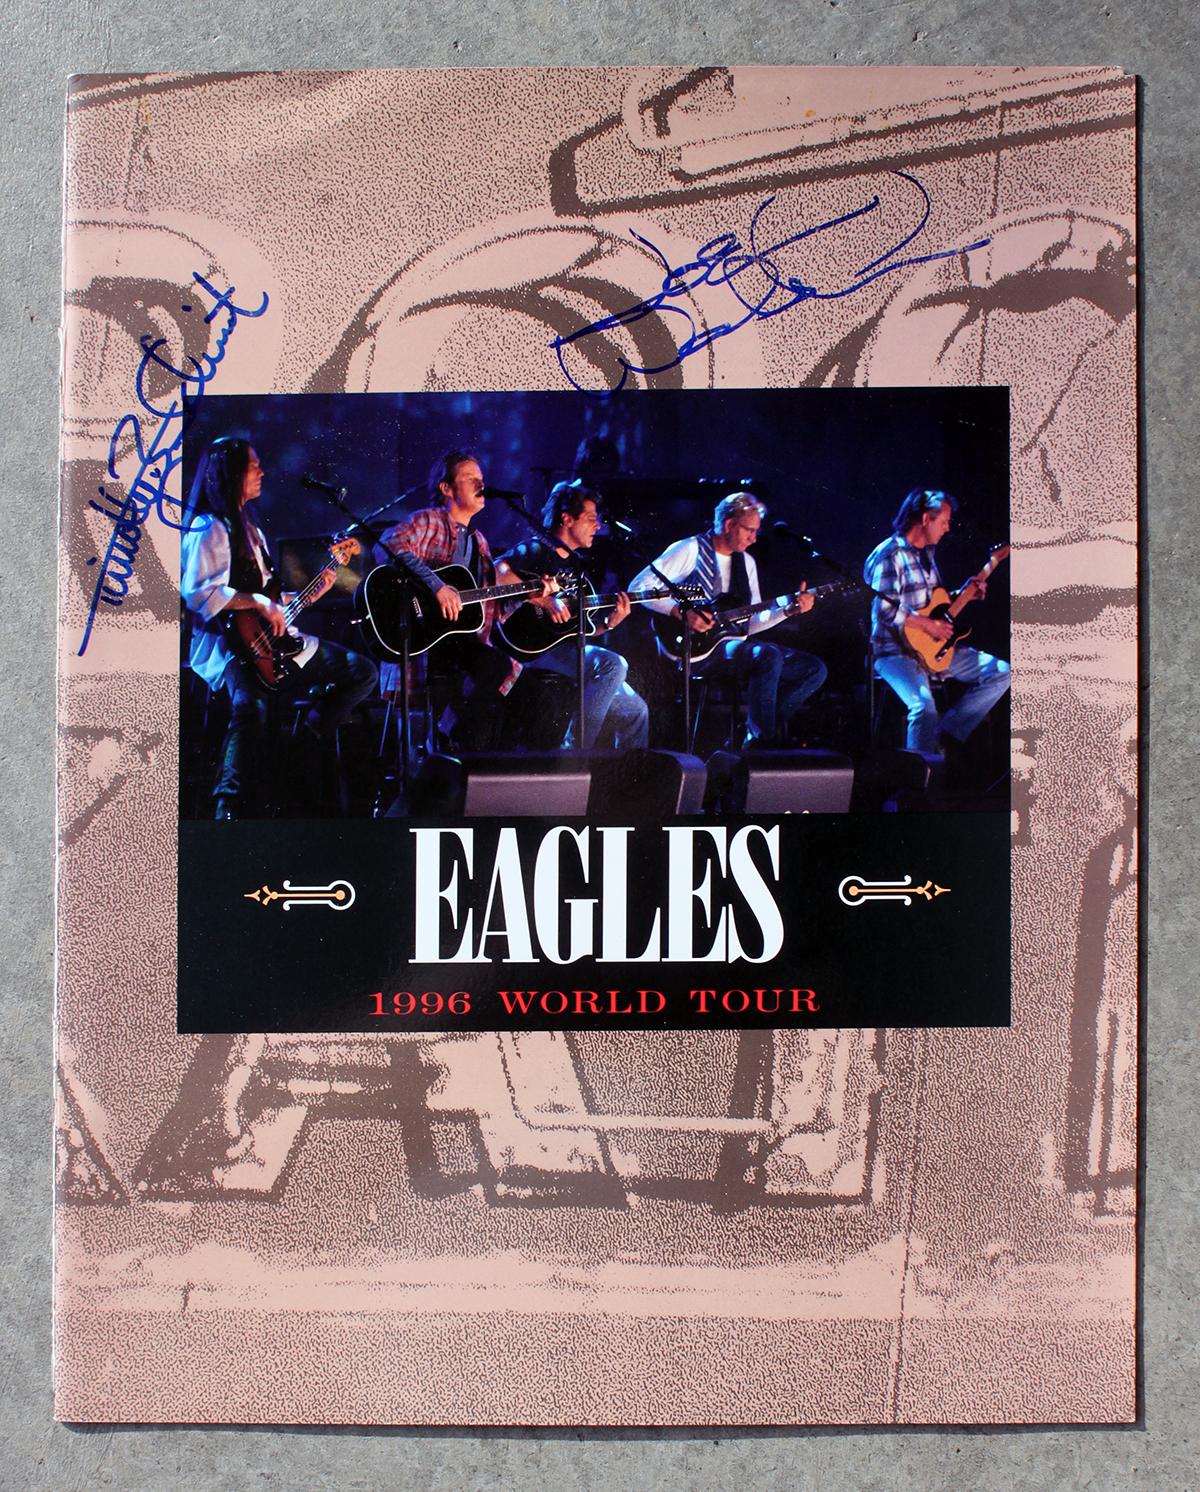 Eagles Tour Book - 1996 World Tour